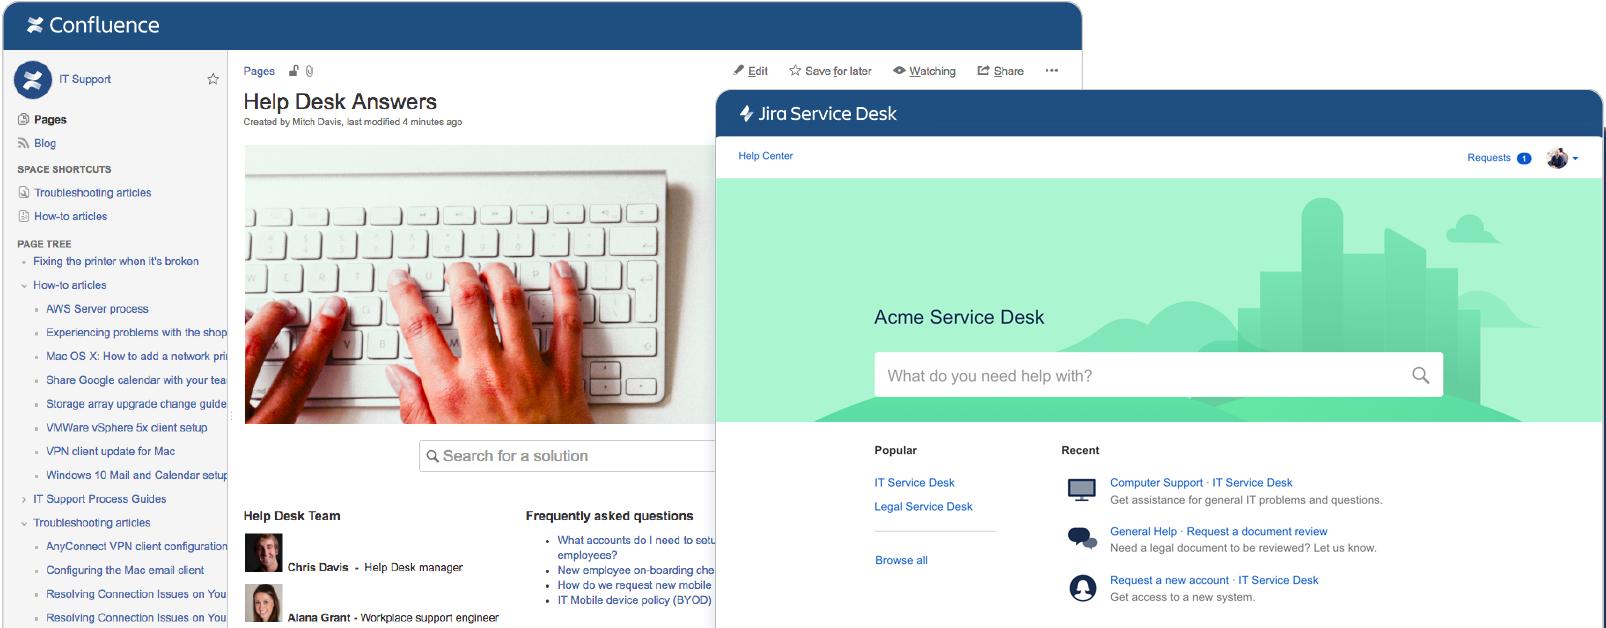 Képernyőképek a Confluence és a Jira Service Desk oldaláról